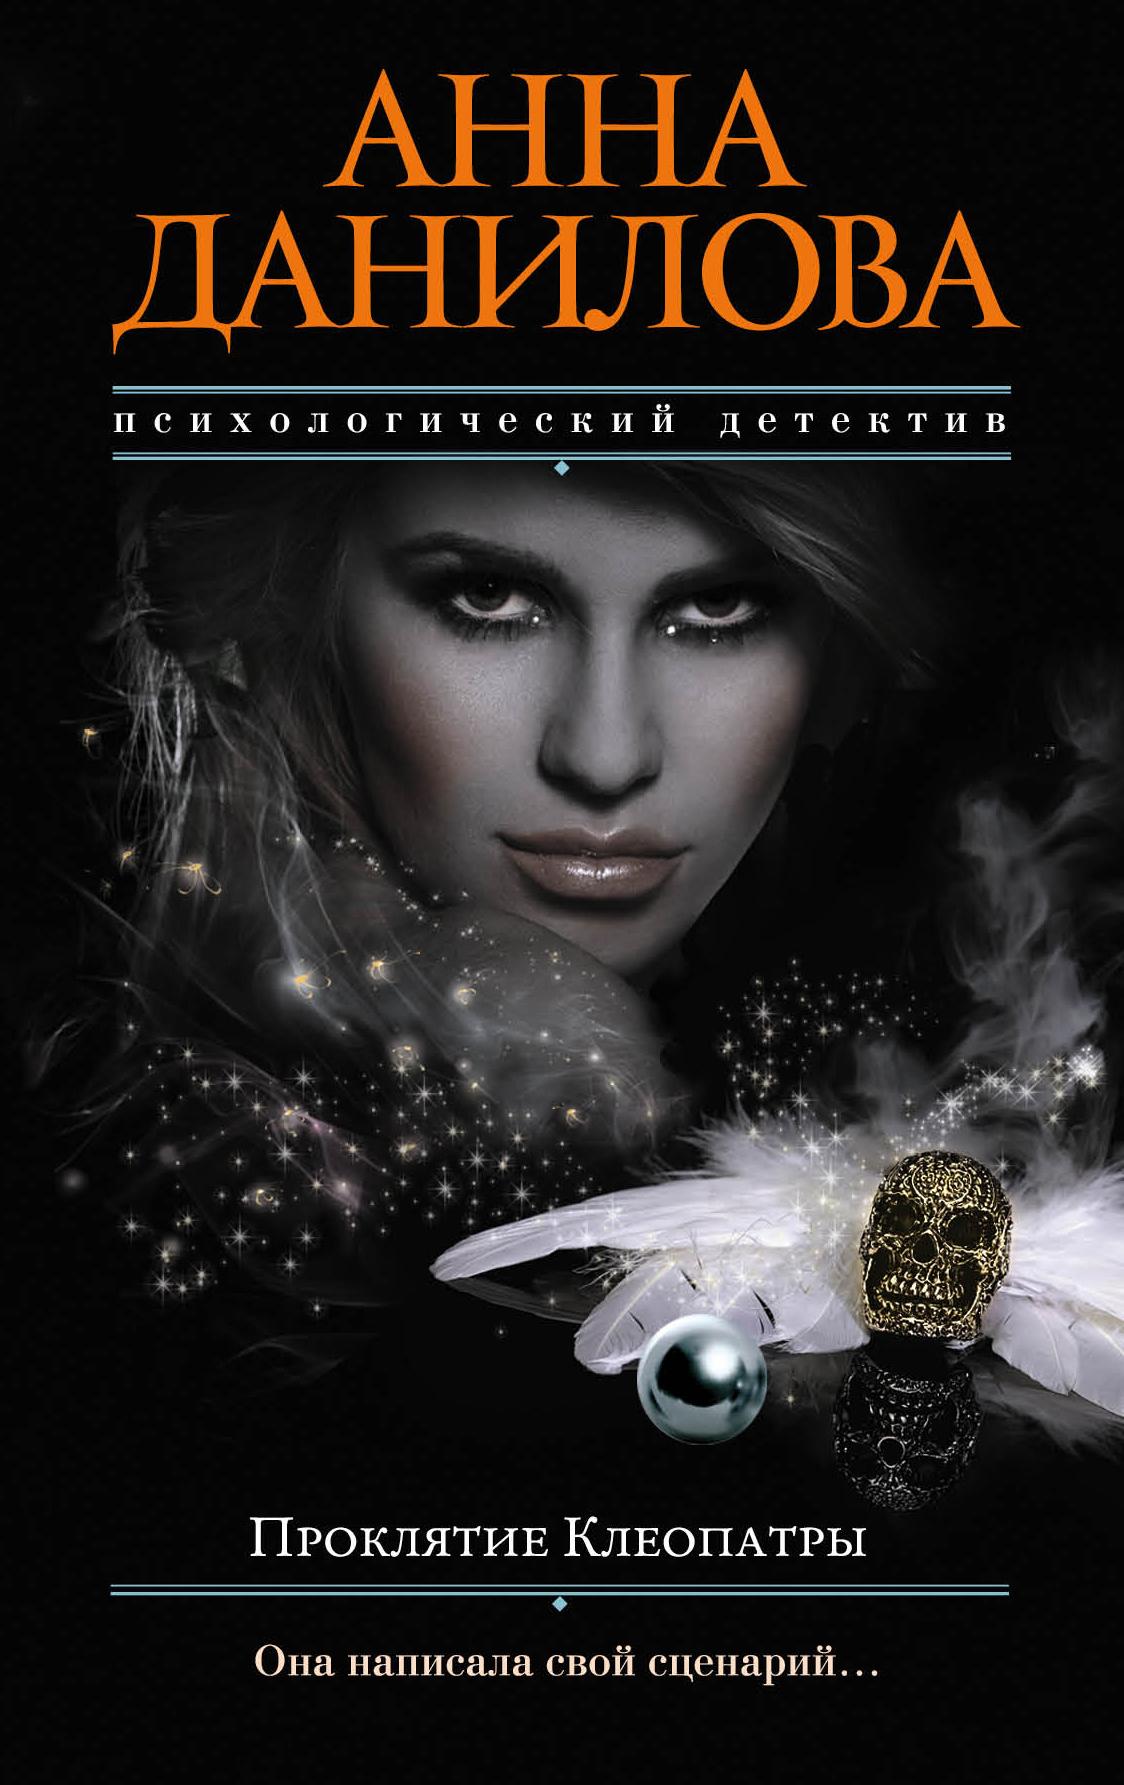 Анна Данилова. Проклятие Клеопатры